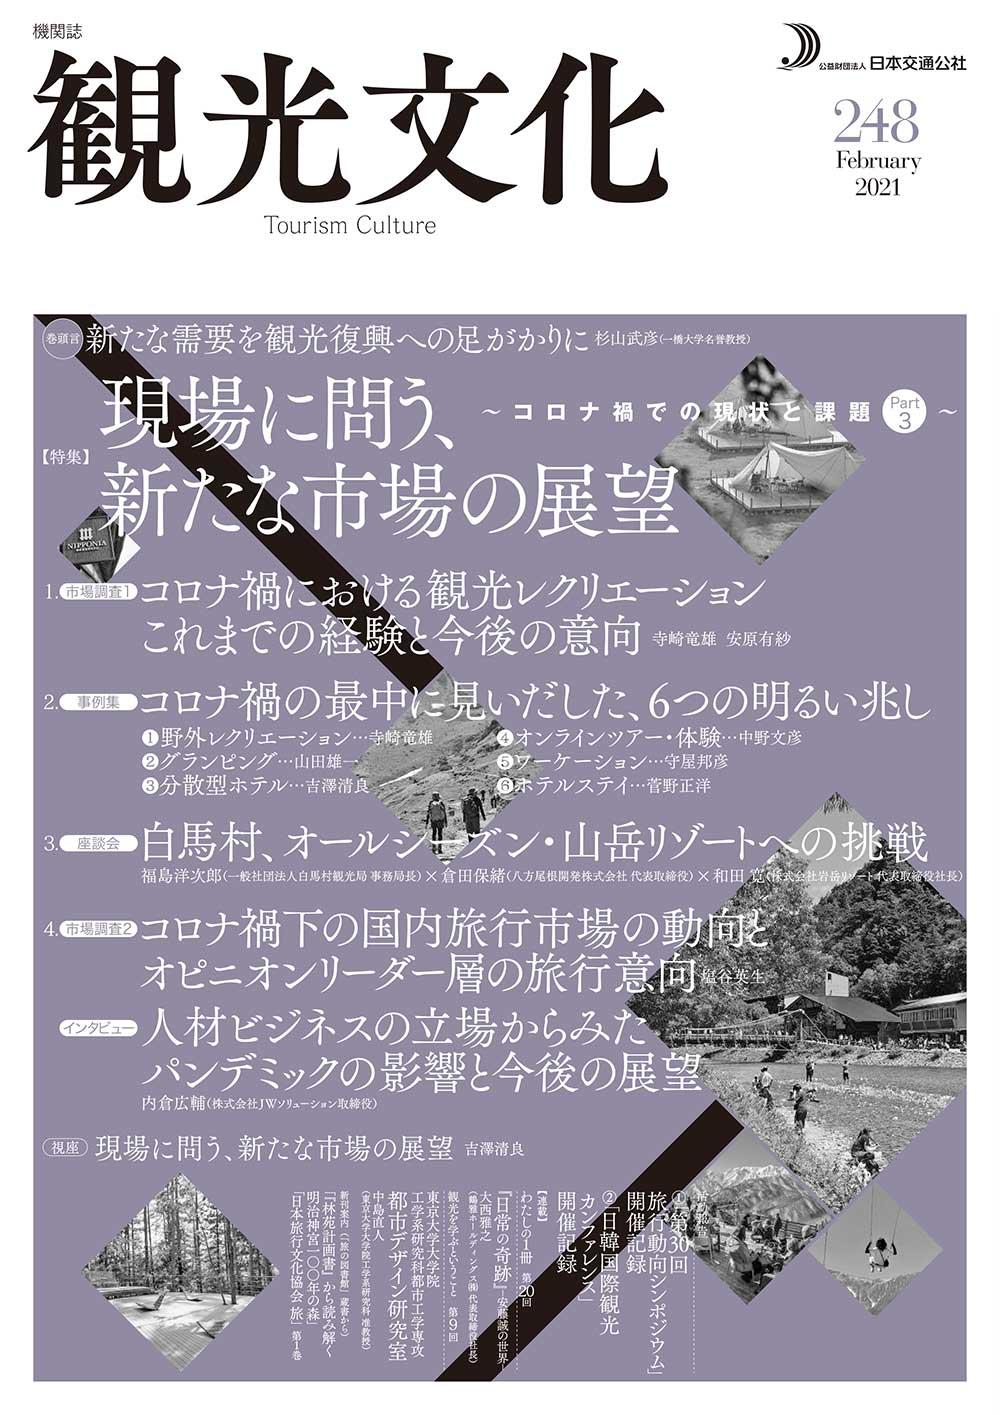 機関誌「観光文化」248号